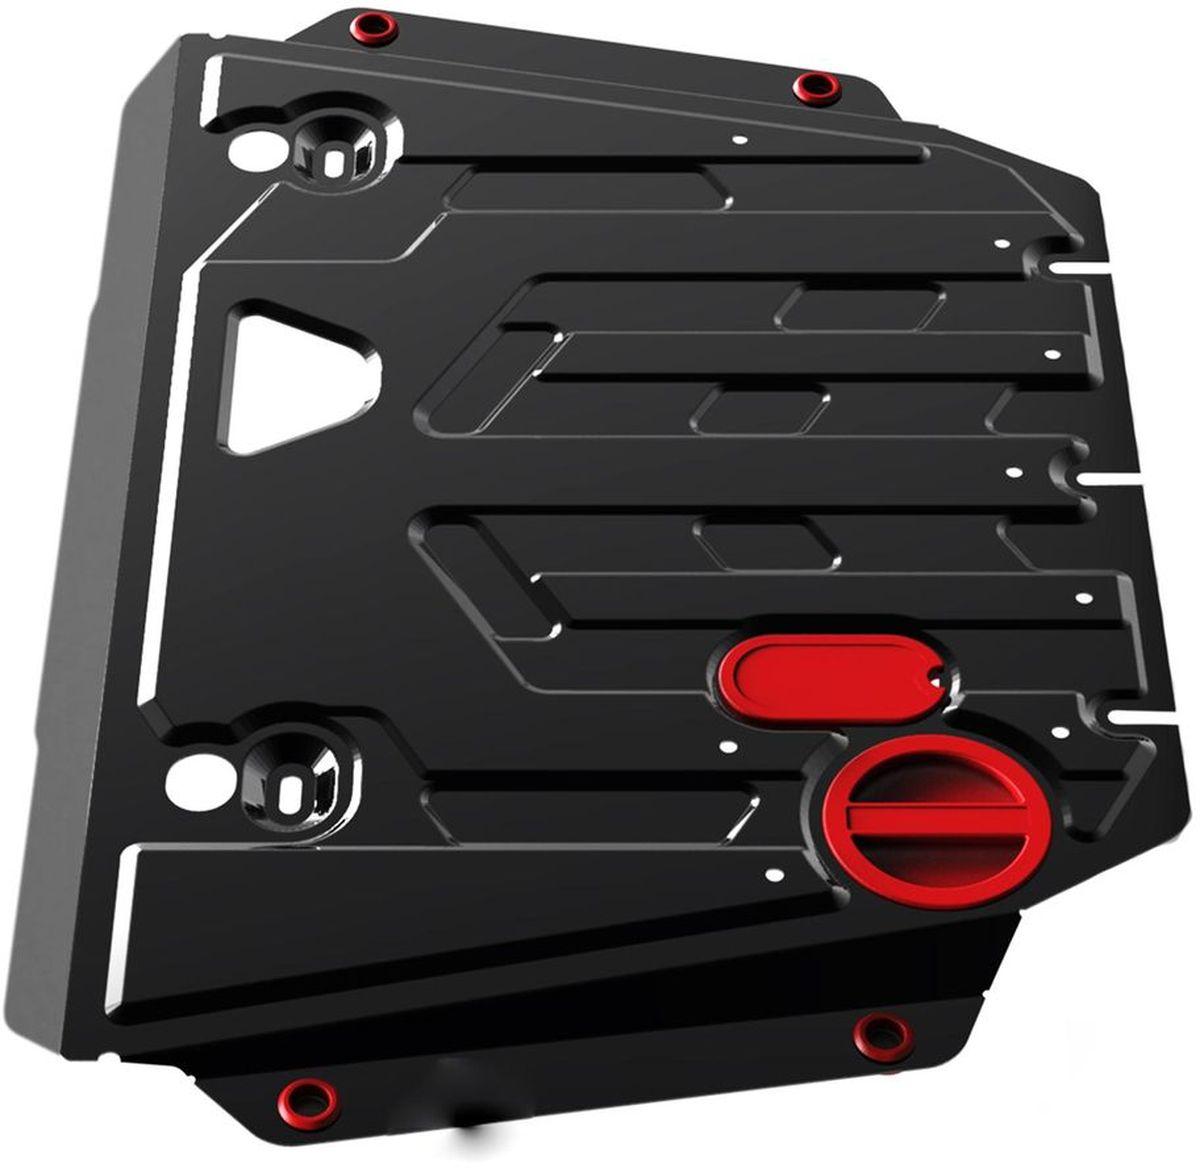 Защита картера и КПП Автоброня Chery A13 Bоnus 2011-/Chery Very 2011-, сталь 2 мм111.00909.1Защита картера и КПП Автоброня для Chery A13 Bоnus, V - 1,5 2011-/Chery Very, V - 1,5 2011-, сталь 2 мм, комплект крепежа, 111.00909.1Стальные защиты Автоброня надежно защищают ваш автомобиль от повреждений при наезде на бордюры, выступающие канализационные люки, кромки поврежденного асфальта или при ремонте дорог, не говоря уже о загородных дорогах.- Имеют оптимальное соотношение цена-качество.- Спроектированы с учетом особенностей автомобиля, что делает установку удобной.- Защита устанавливается в штатные места кузова автомобиля.- Является надежной защитой для важных элементов на протяжении долгих лет.- Глубокий штамп дополнительно усиливает конструкцию защиты.- Подштамповка в местах крепления защищает крепеж от срезания.- Технологические отверстия там, где они необходимы для смены масла и слива воды, оборудованные заглушками, закрепленными на защите.Толщина стали 2 мм.В комплекте крепеж и инструкция по установке.Уважаемые клиенты!Обращаем ваше внимание на тот факт, что защита имеет форму, соответствующую модели данного автомобиля. Наличие глубокого штампа и лючков для смены фильтров/масла предусмотрено не на всех защитах. Фото служит для визуального восприятия товара.